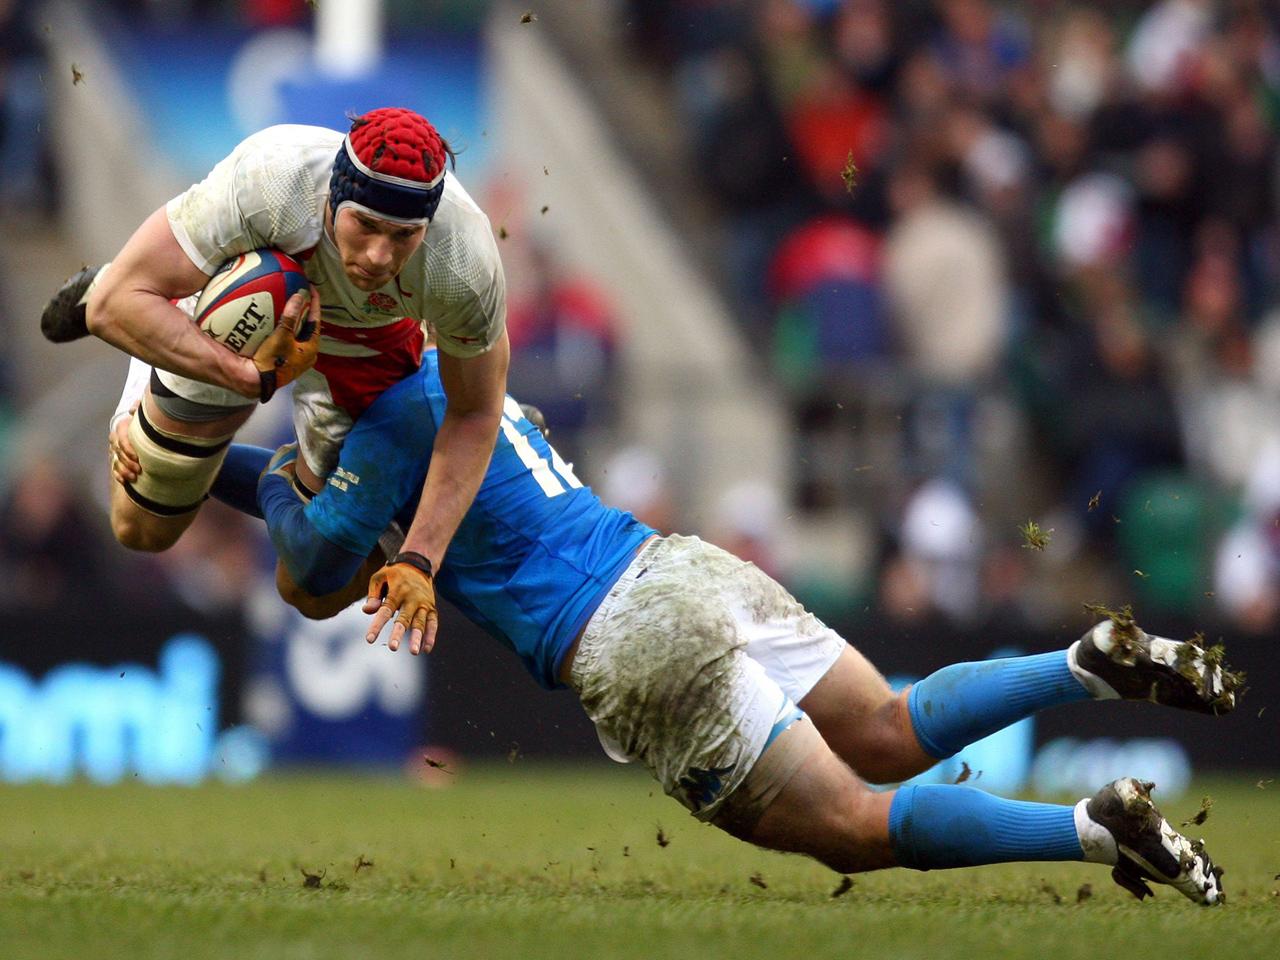 El placaje es la acción defensiva más espectacular del rugby.